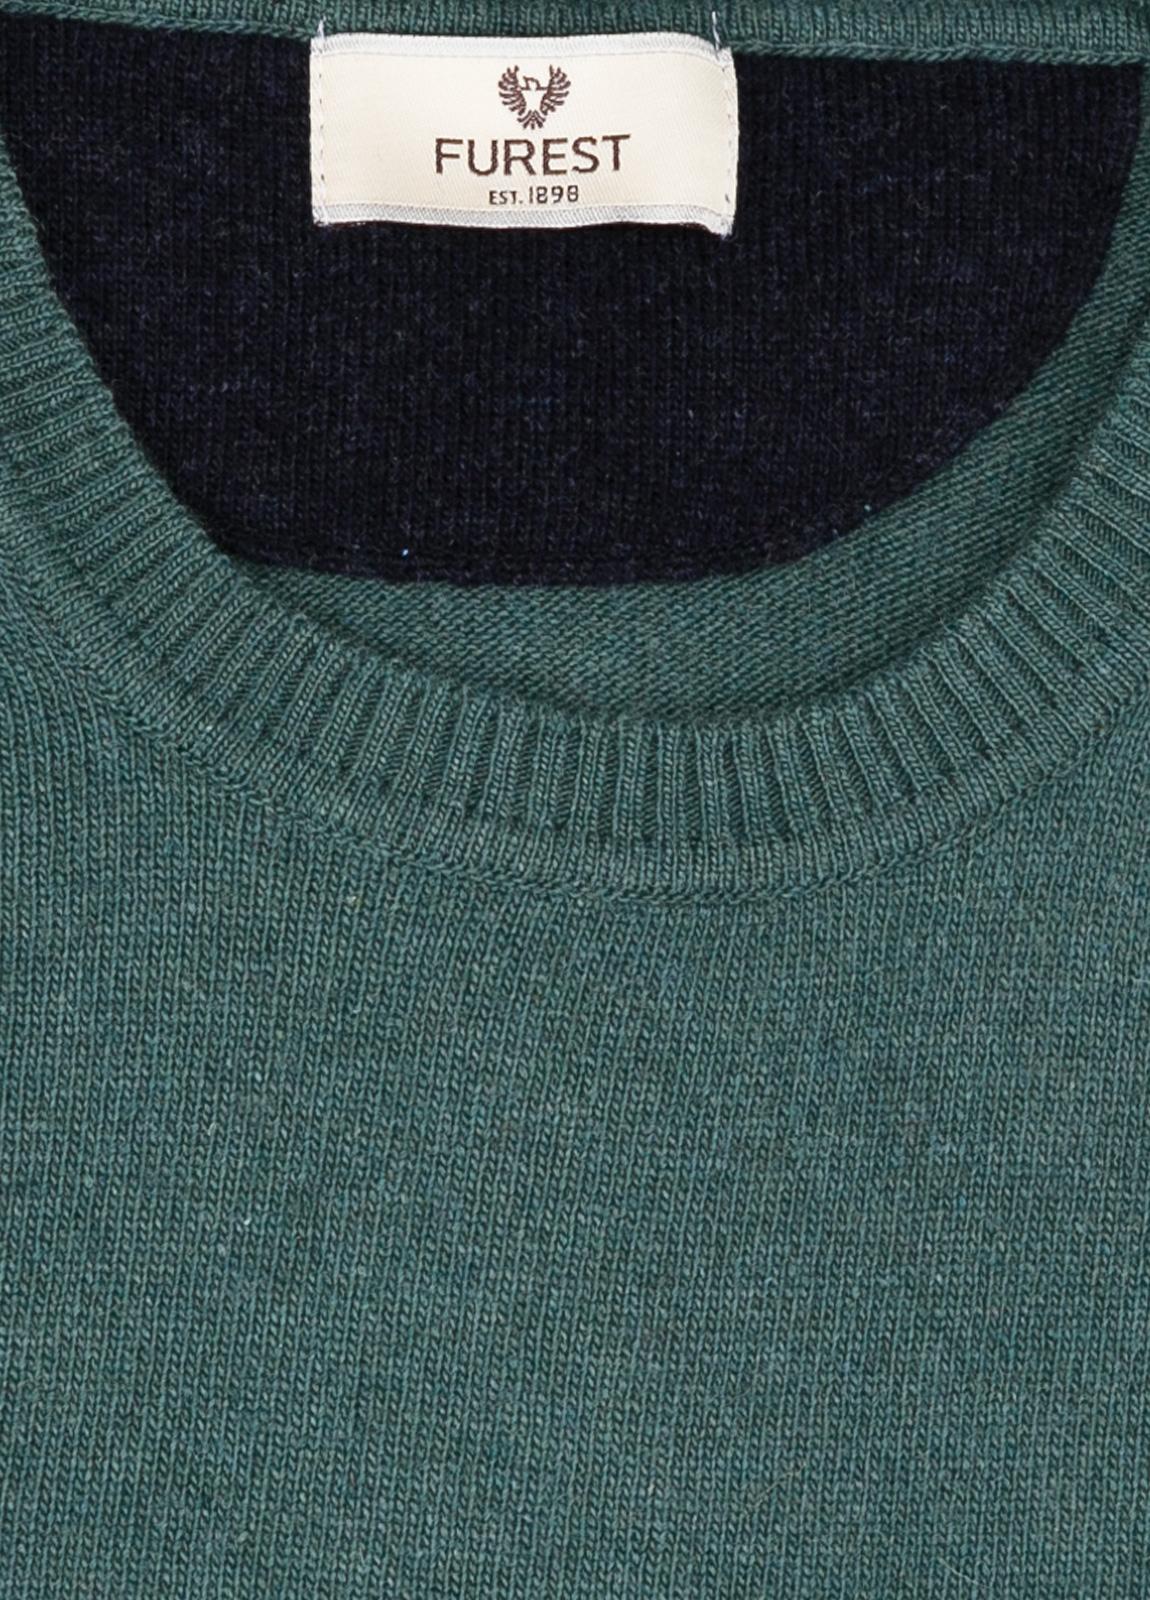 Jersey liso cuello redondo color verde, 40% lana merino, 20% viscosa, 10% cachemire